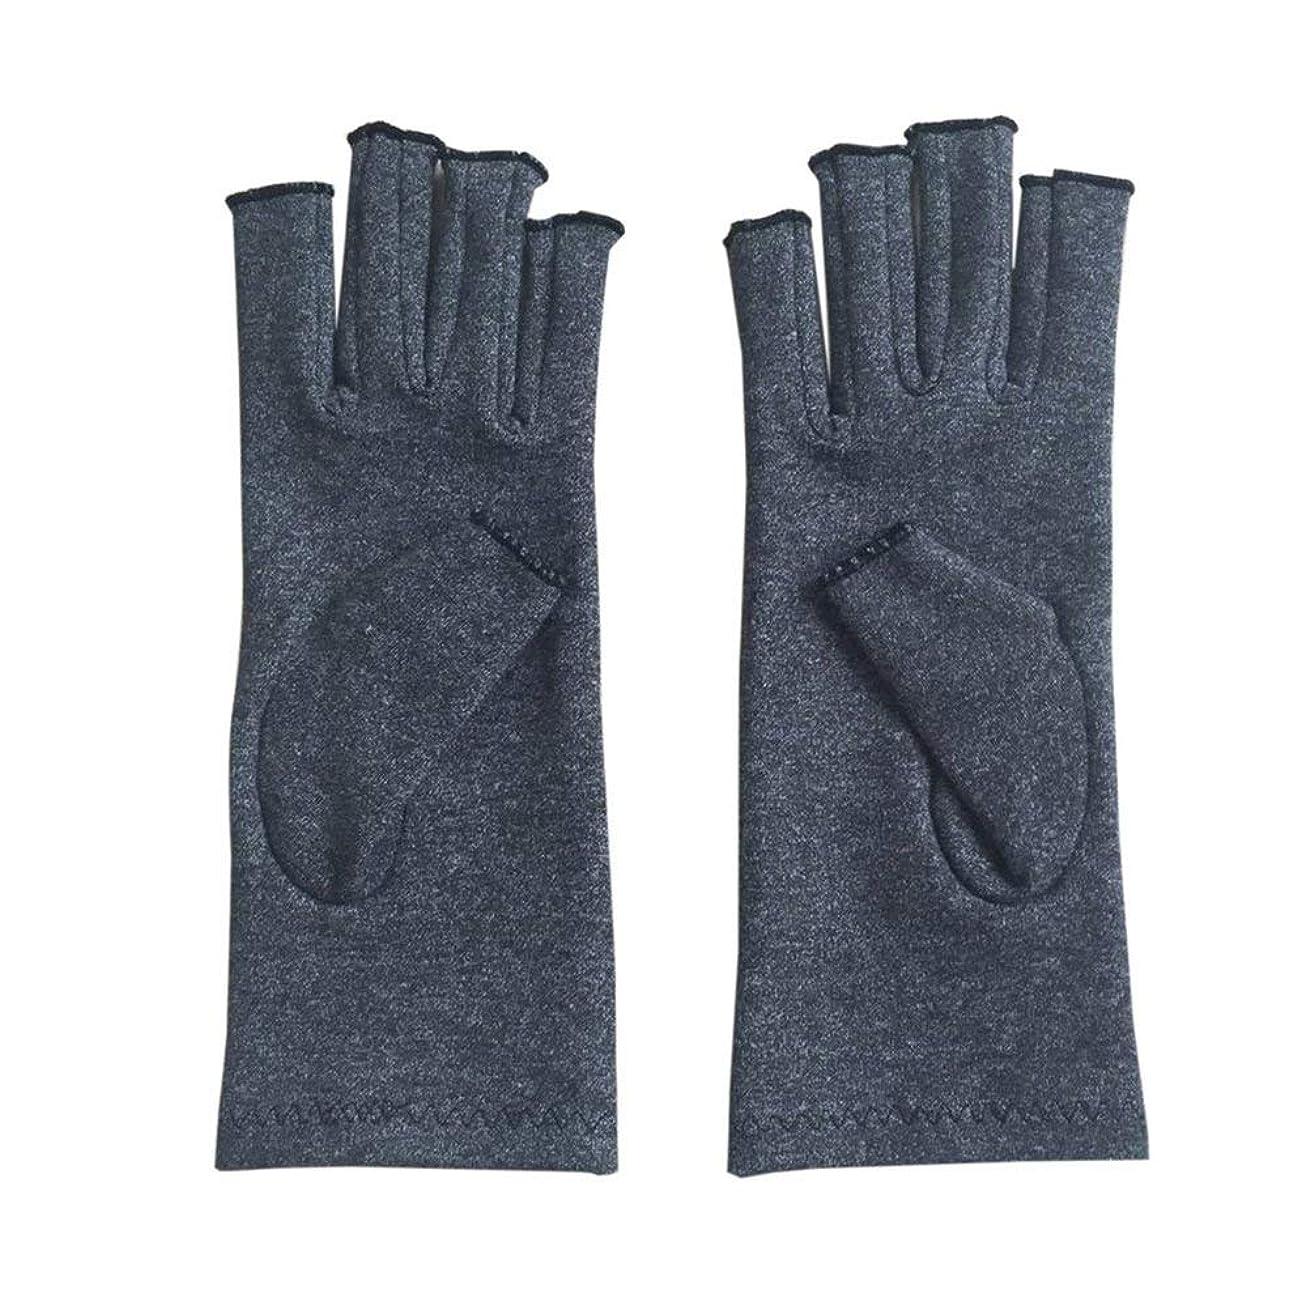 問題手書き移住するAペア/セットの快適な男性の女性療法の圧縮手袋ソリッドカラーの通気性関節炎関節痛軽減手袋 - グレーL